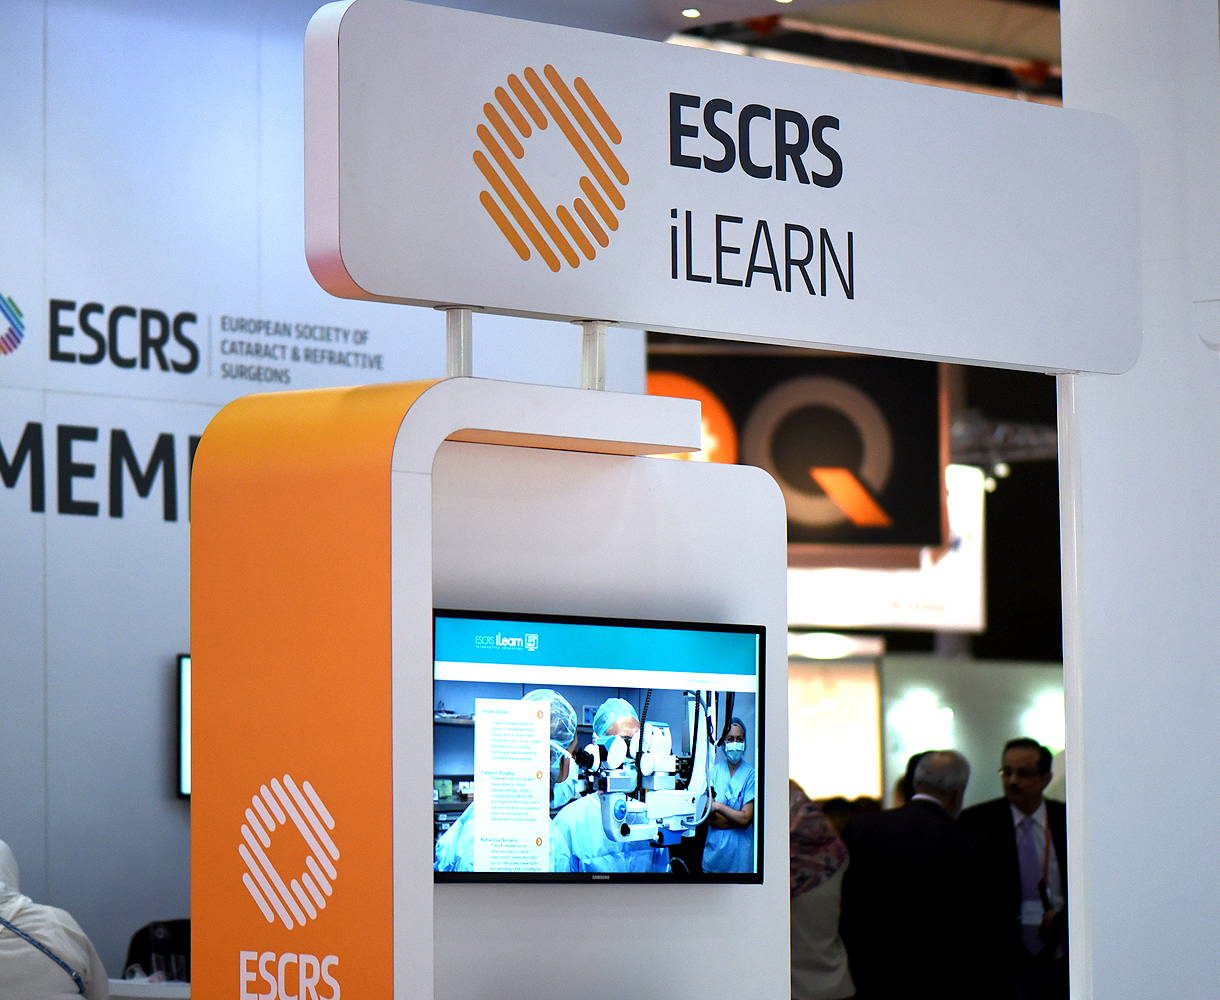 ESCRS Brand Design Tradeshow Event Design